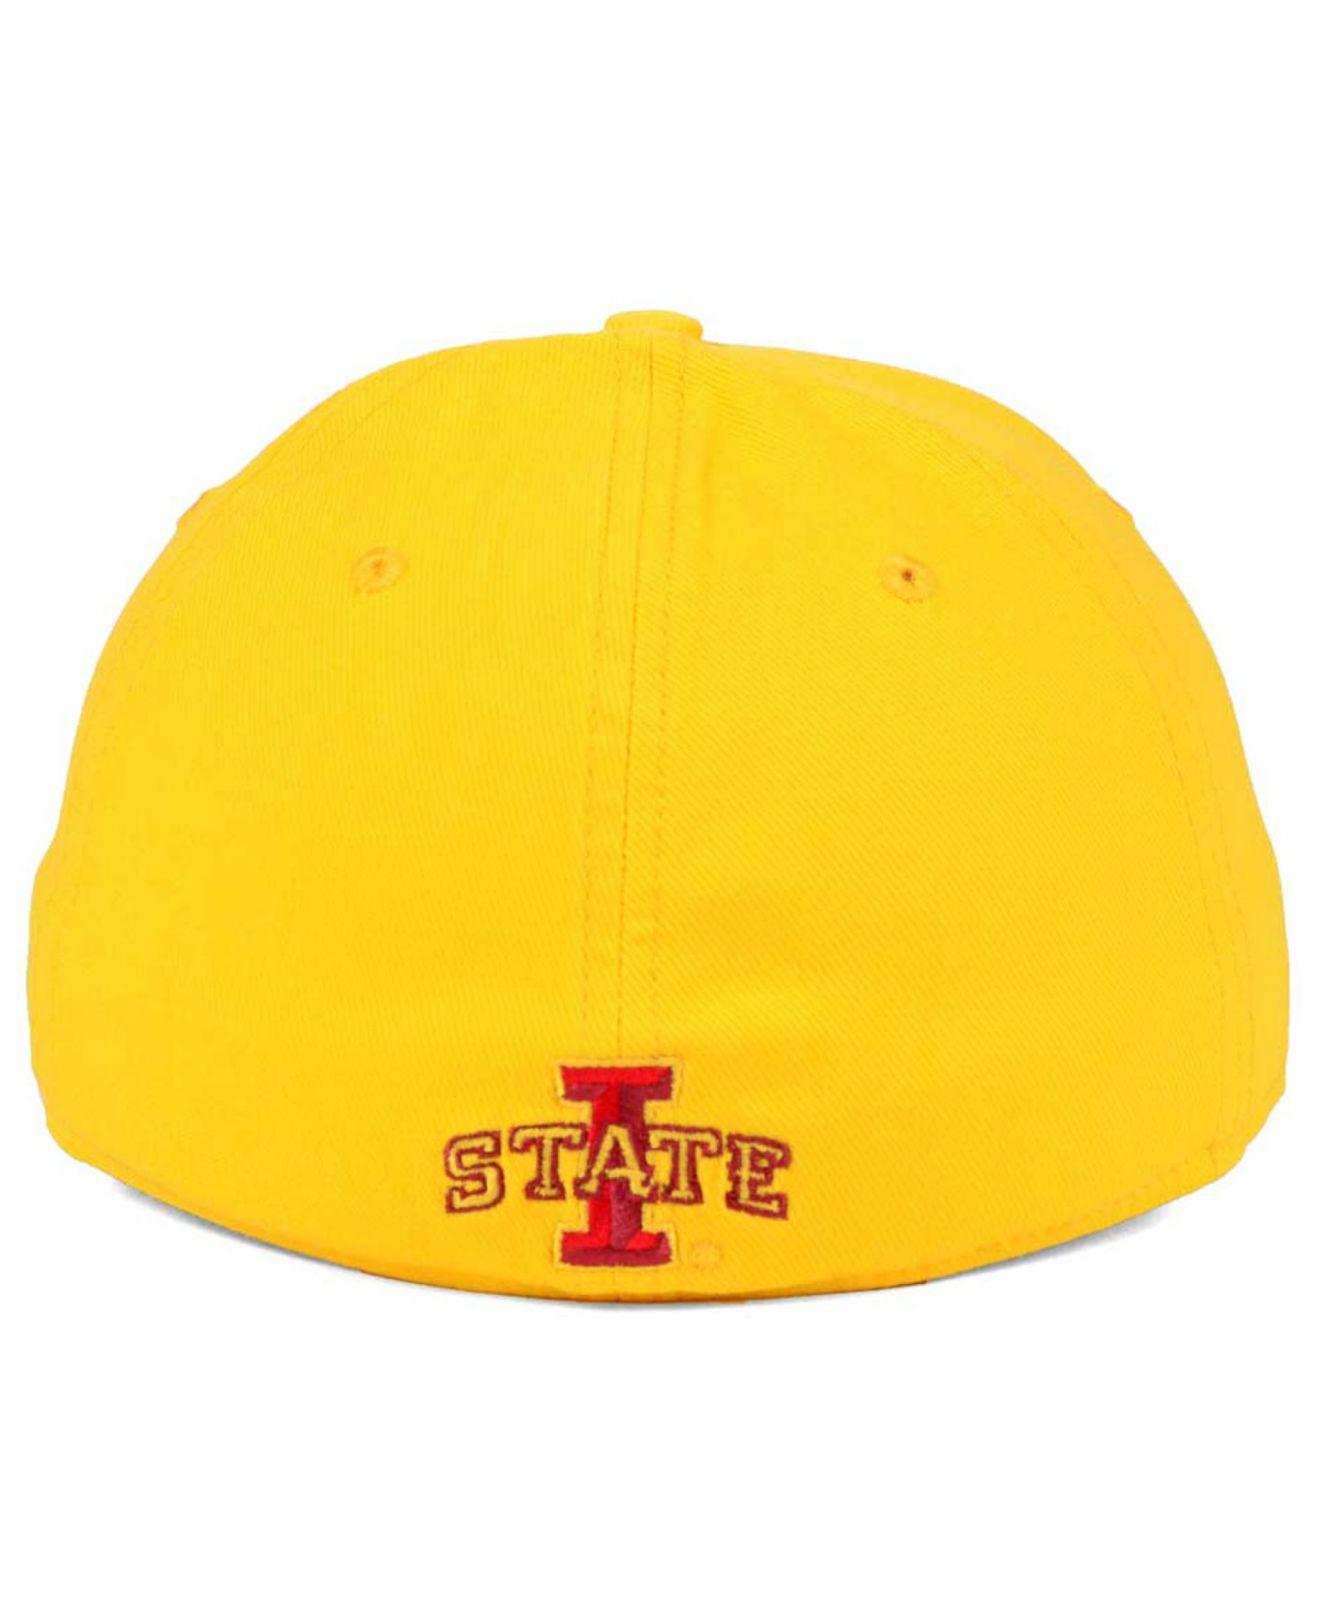 ... flex stretch fit cap in b779b 4b198  new zealand lyst nike iowa state  cyclones classic swoosh cap in yellow for men ac4f6 2f37f 41374ca94dfe